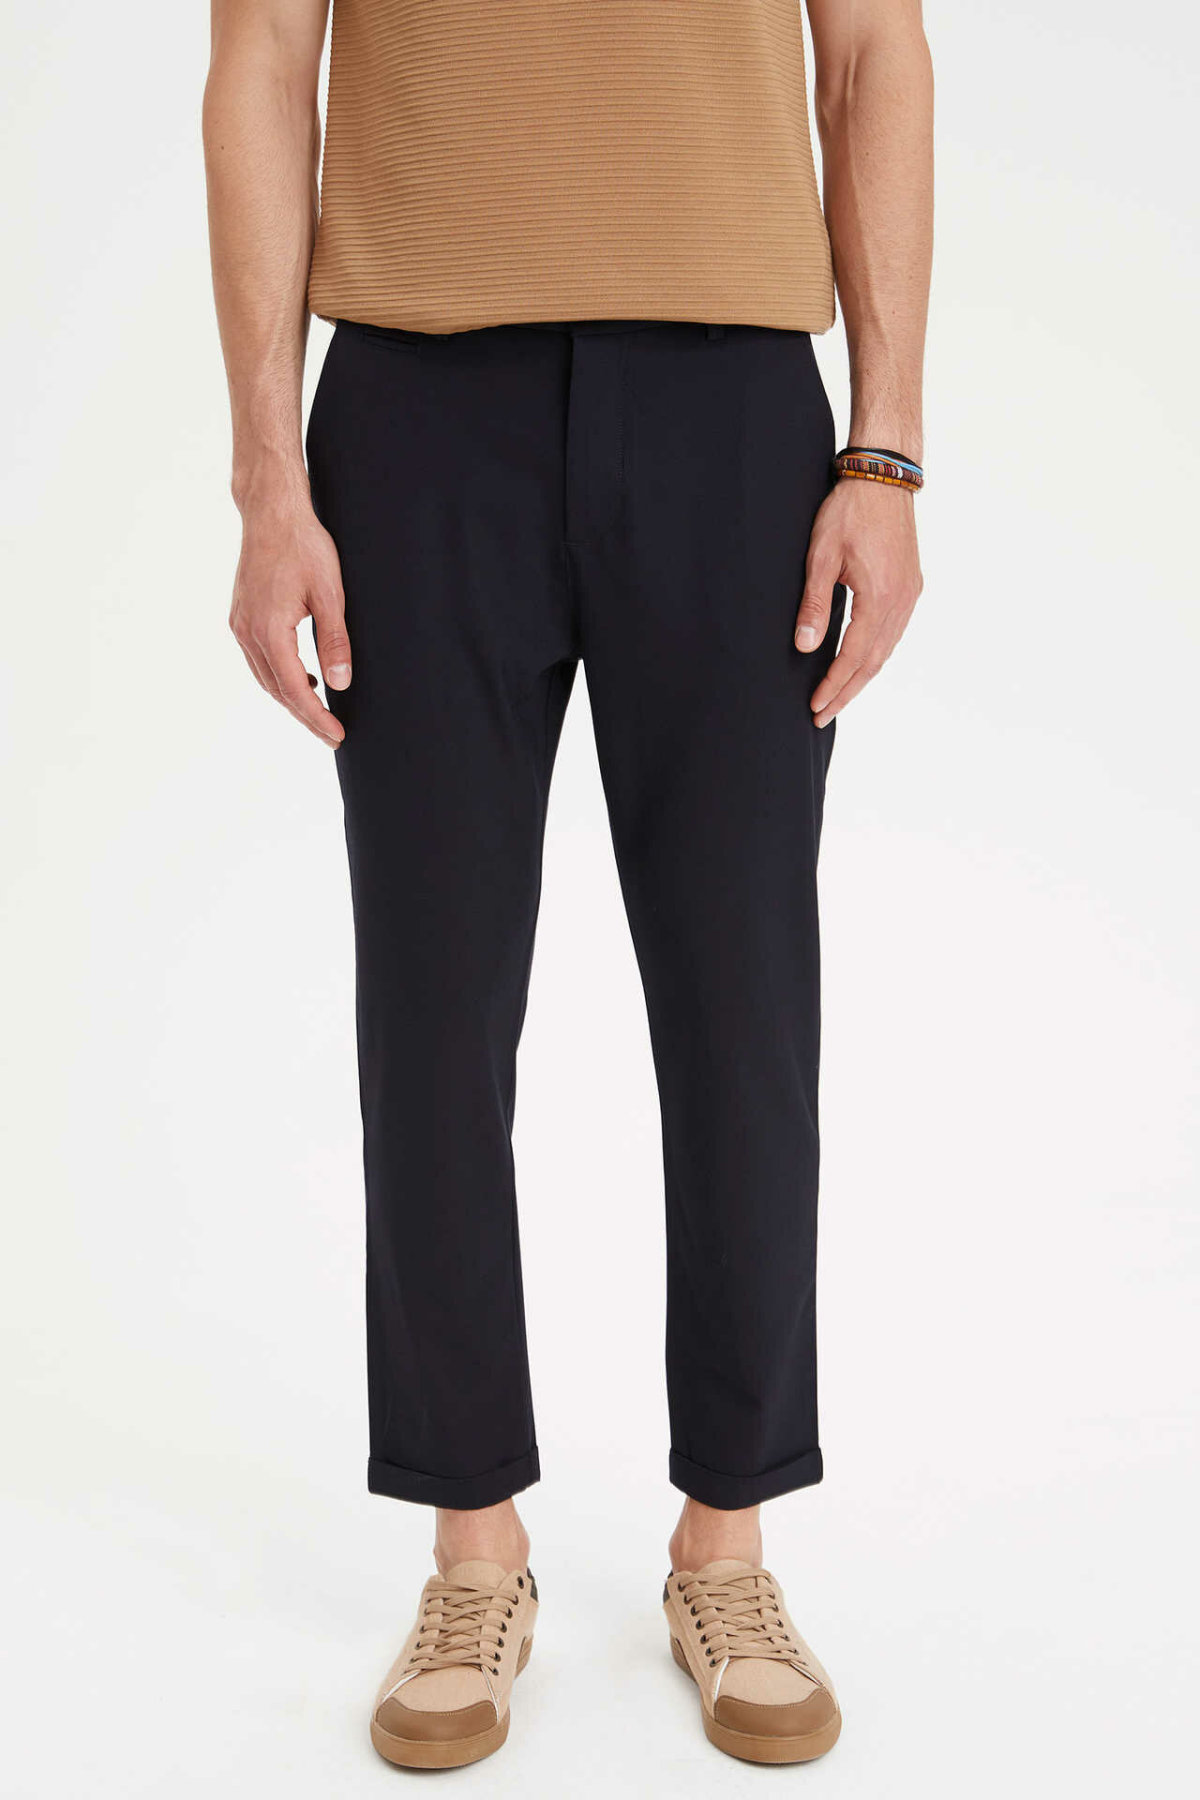 DeFacto Man Casual Black Pants Men Straight Black Long Pants Male Mid-waist Ninth Bottoms Trousers-L6773AZ19HS